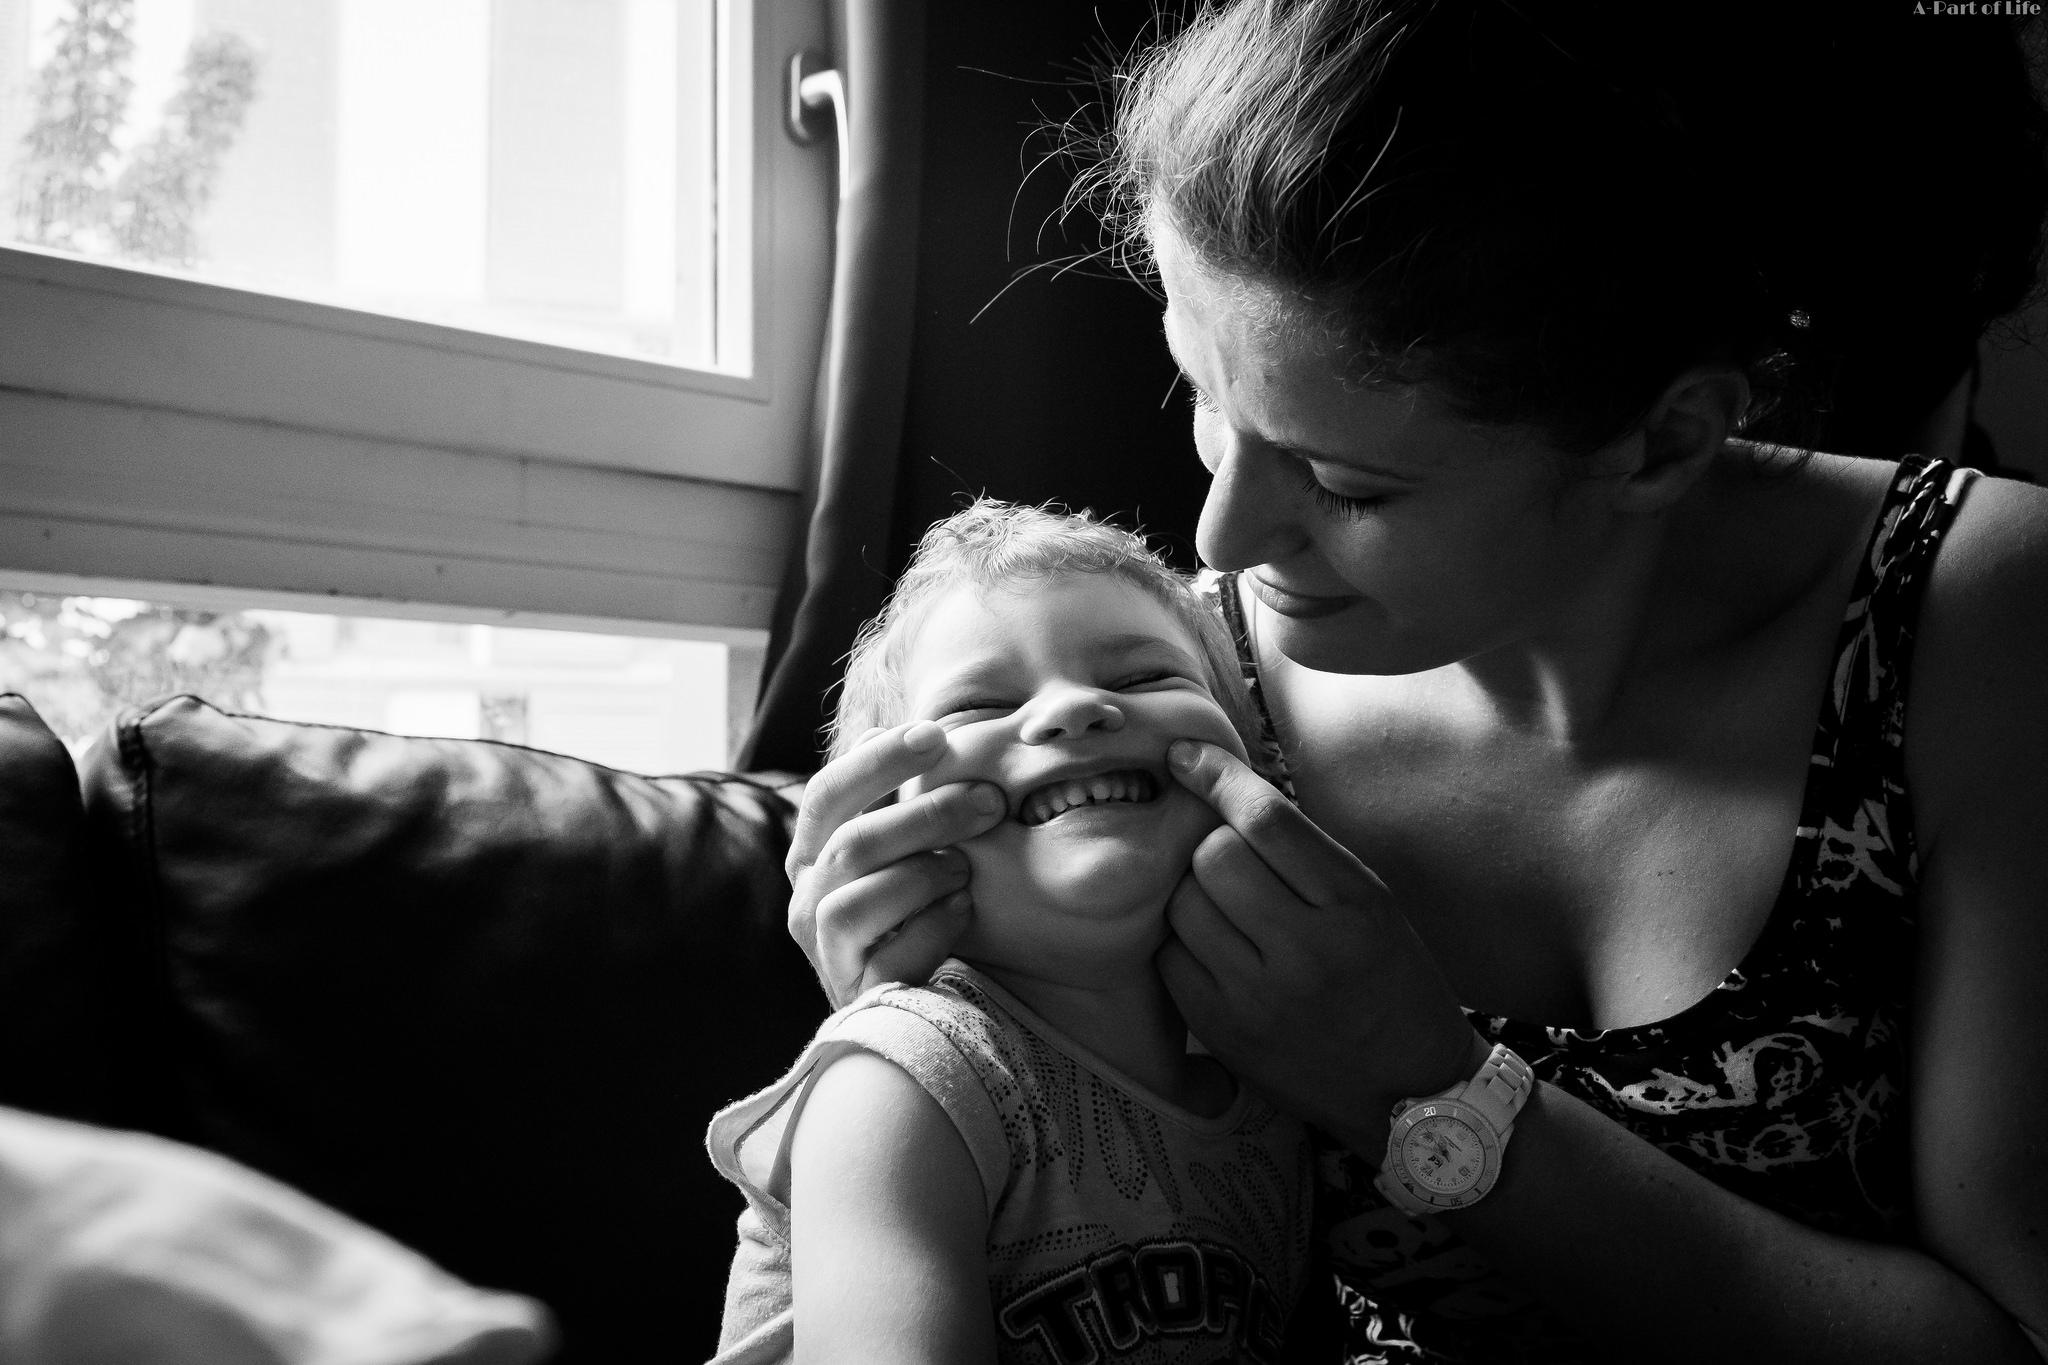 Flickr - Love me tender - Ghislain Berger